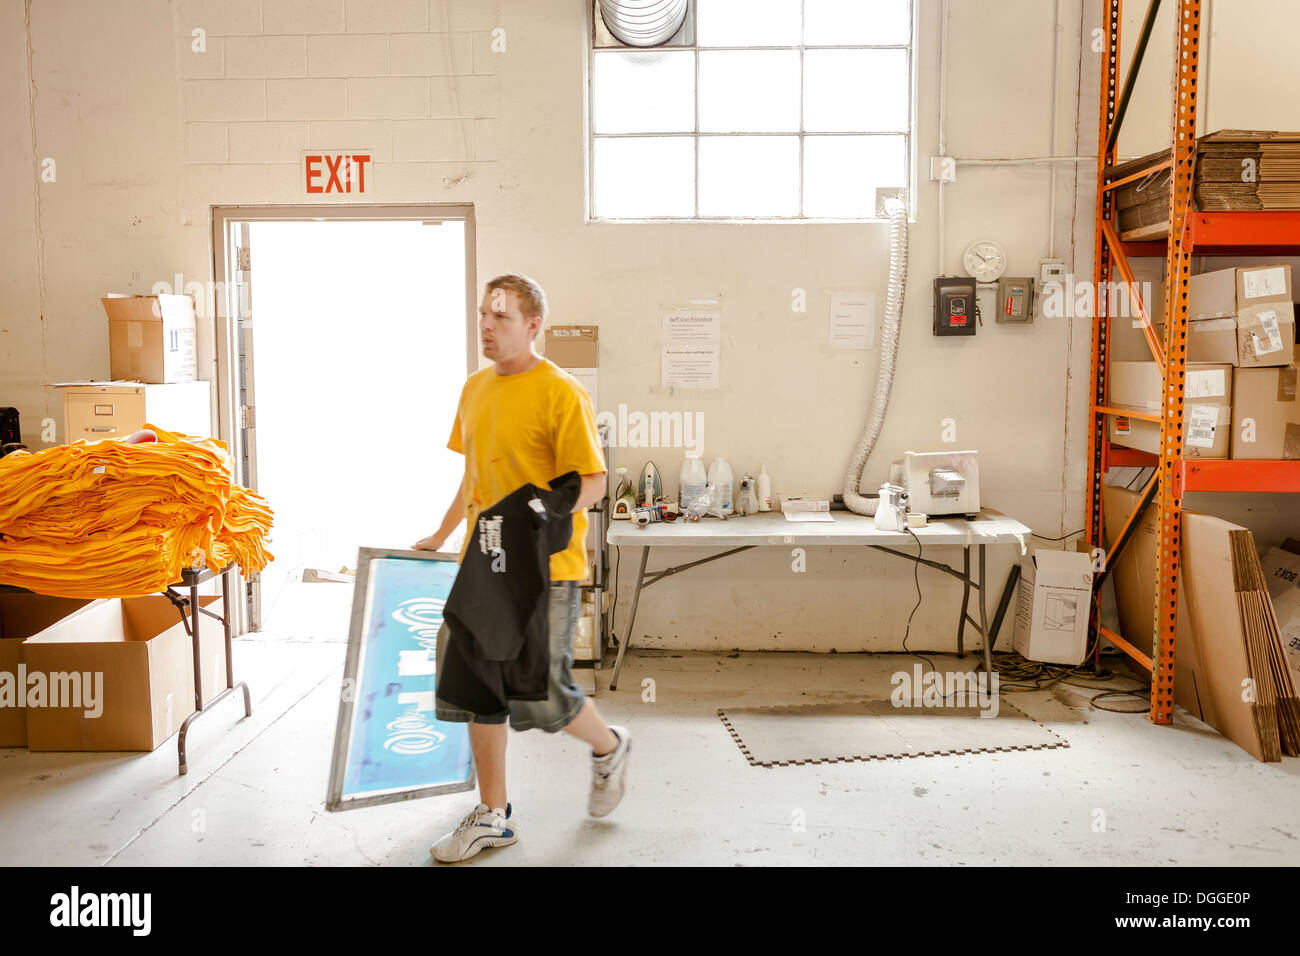 Porte-travailleur et t-shirt dans l'atelier de sérigraphie Photo Stock